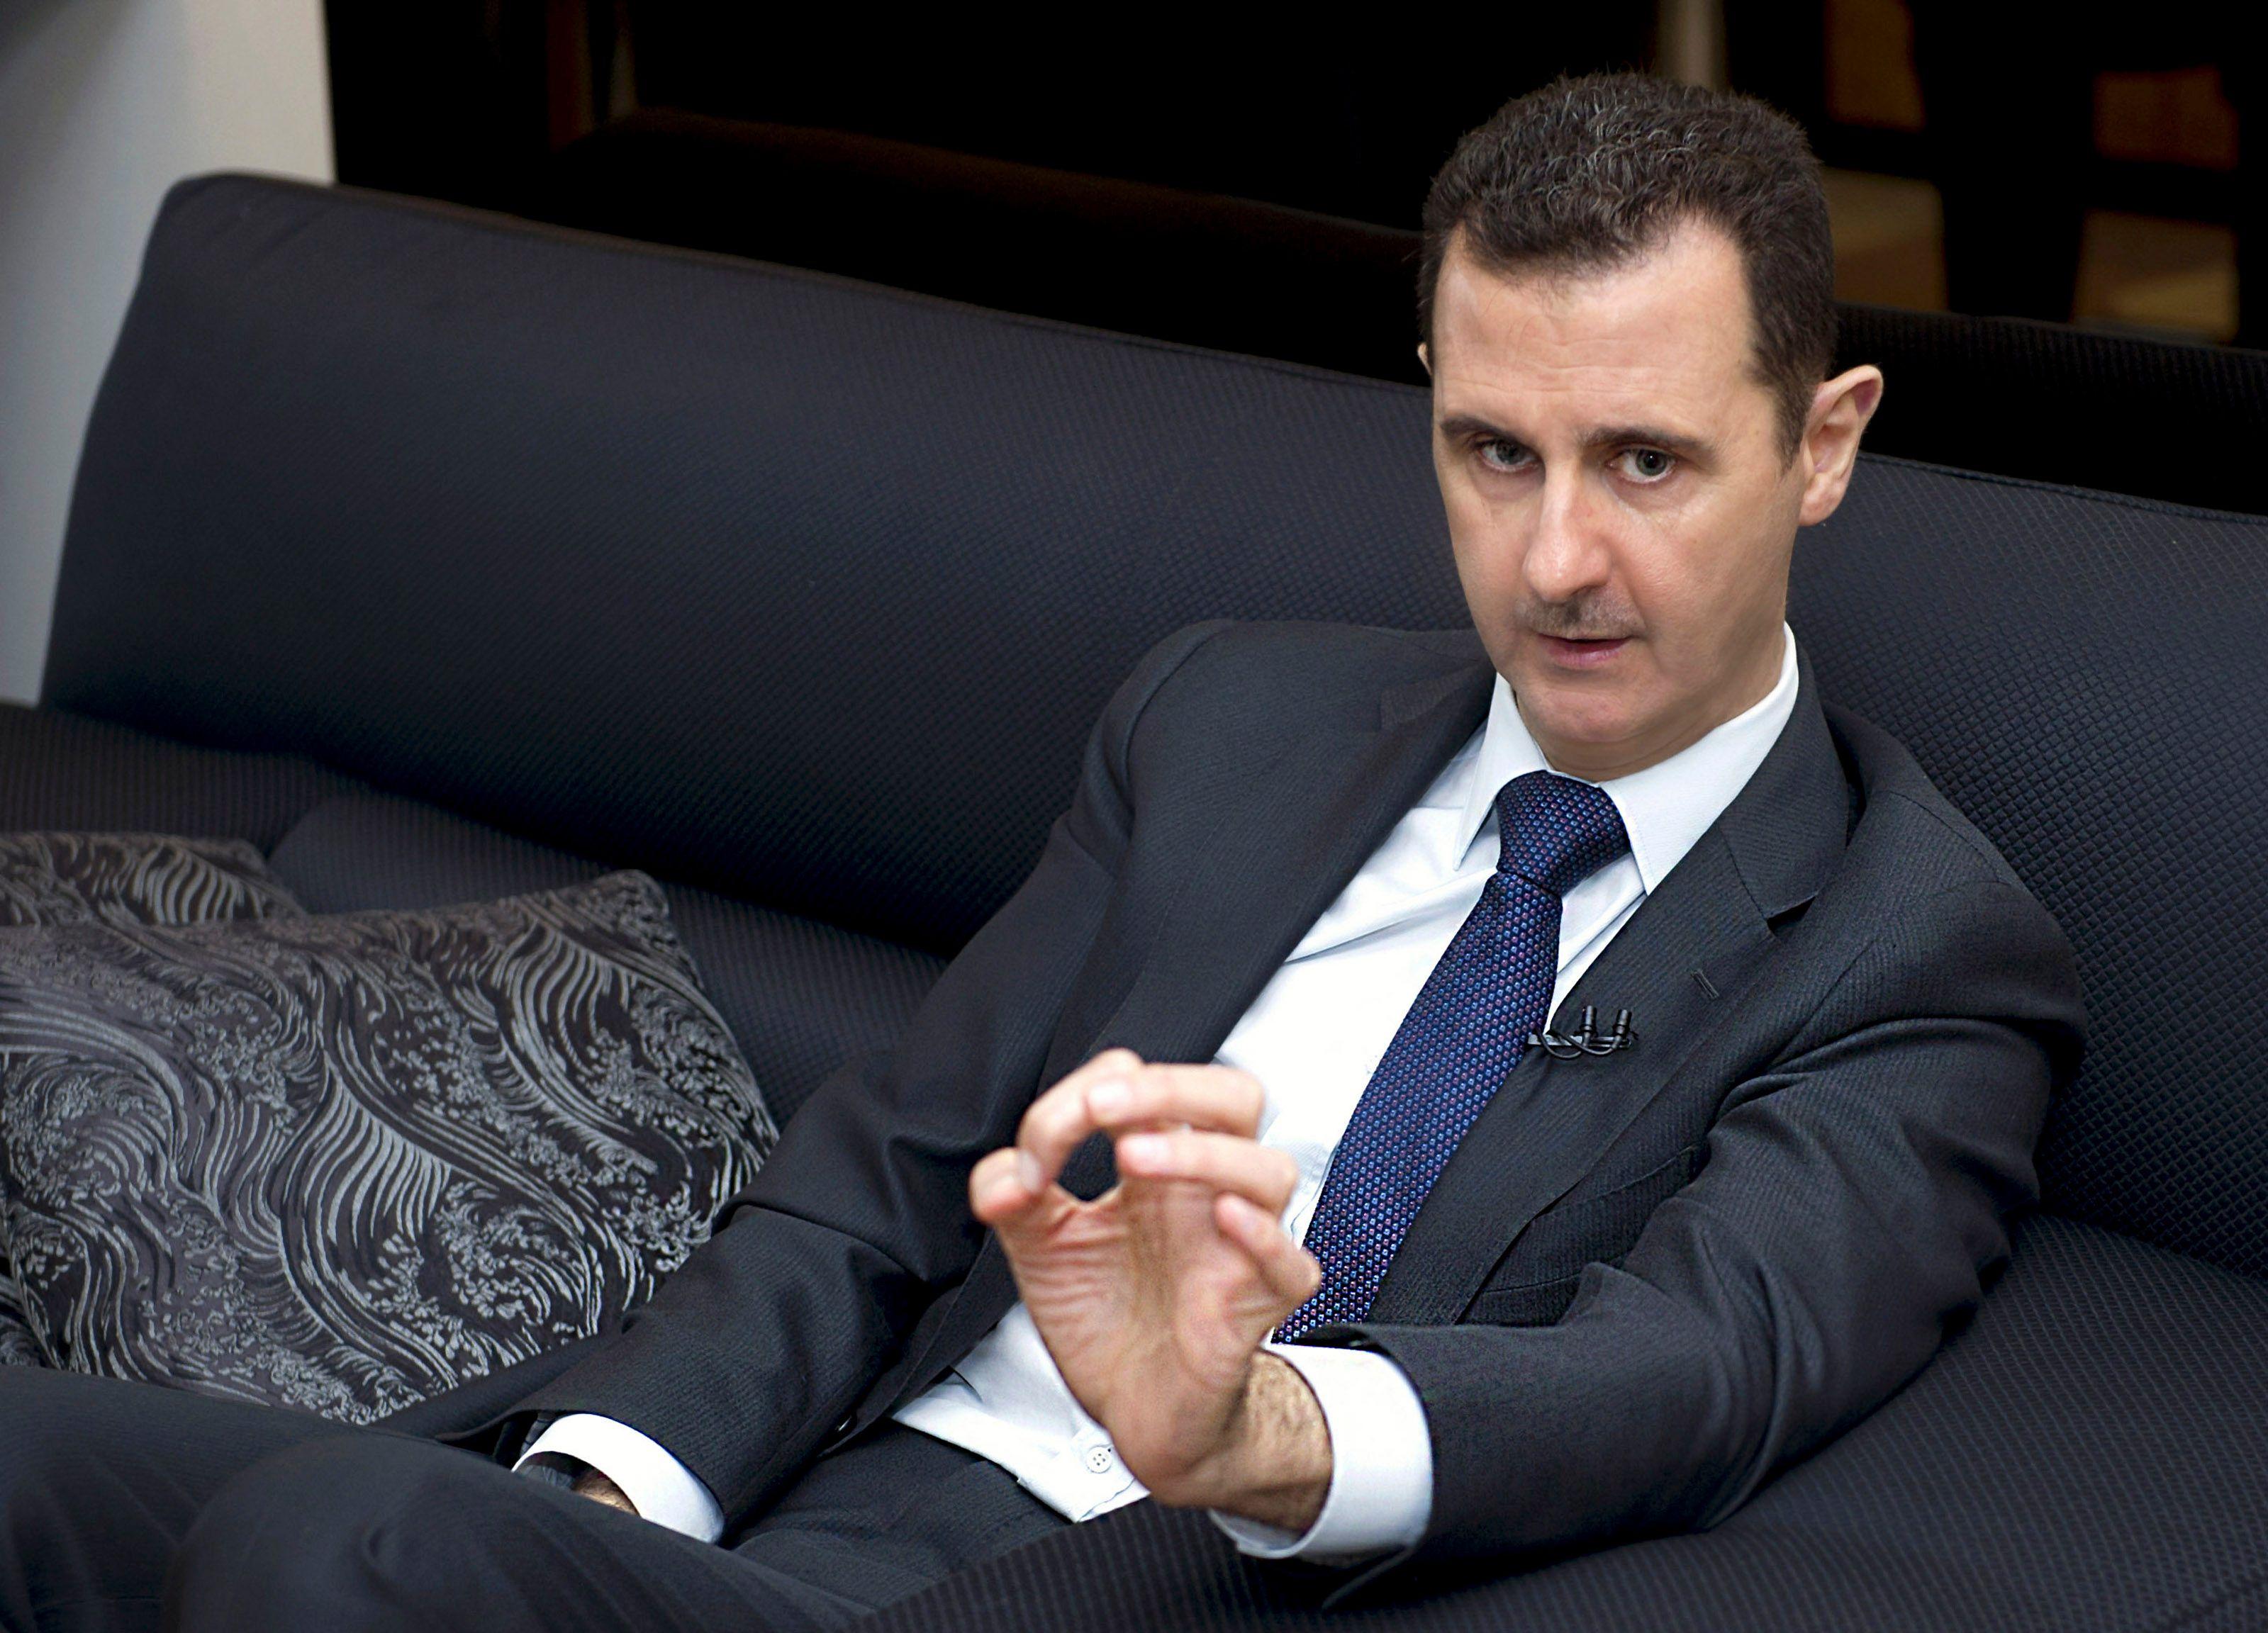 La logique derrière la brutalité assumée par Bachar El Assad